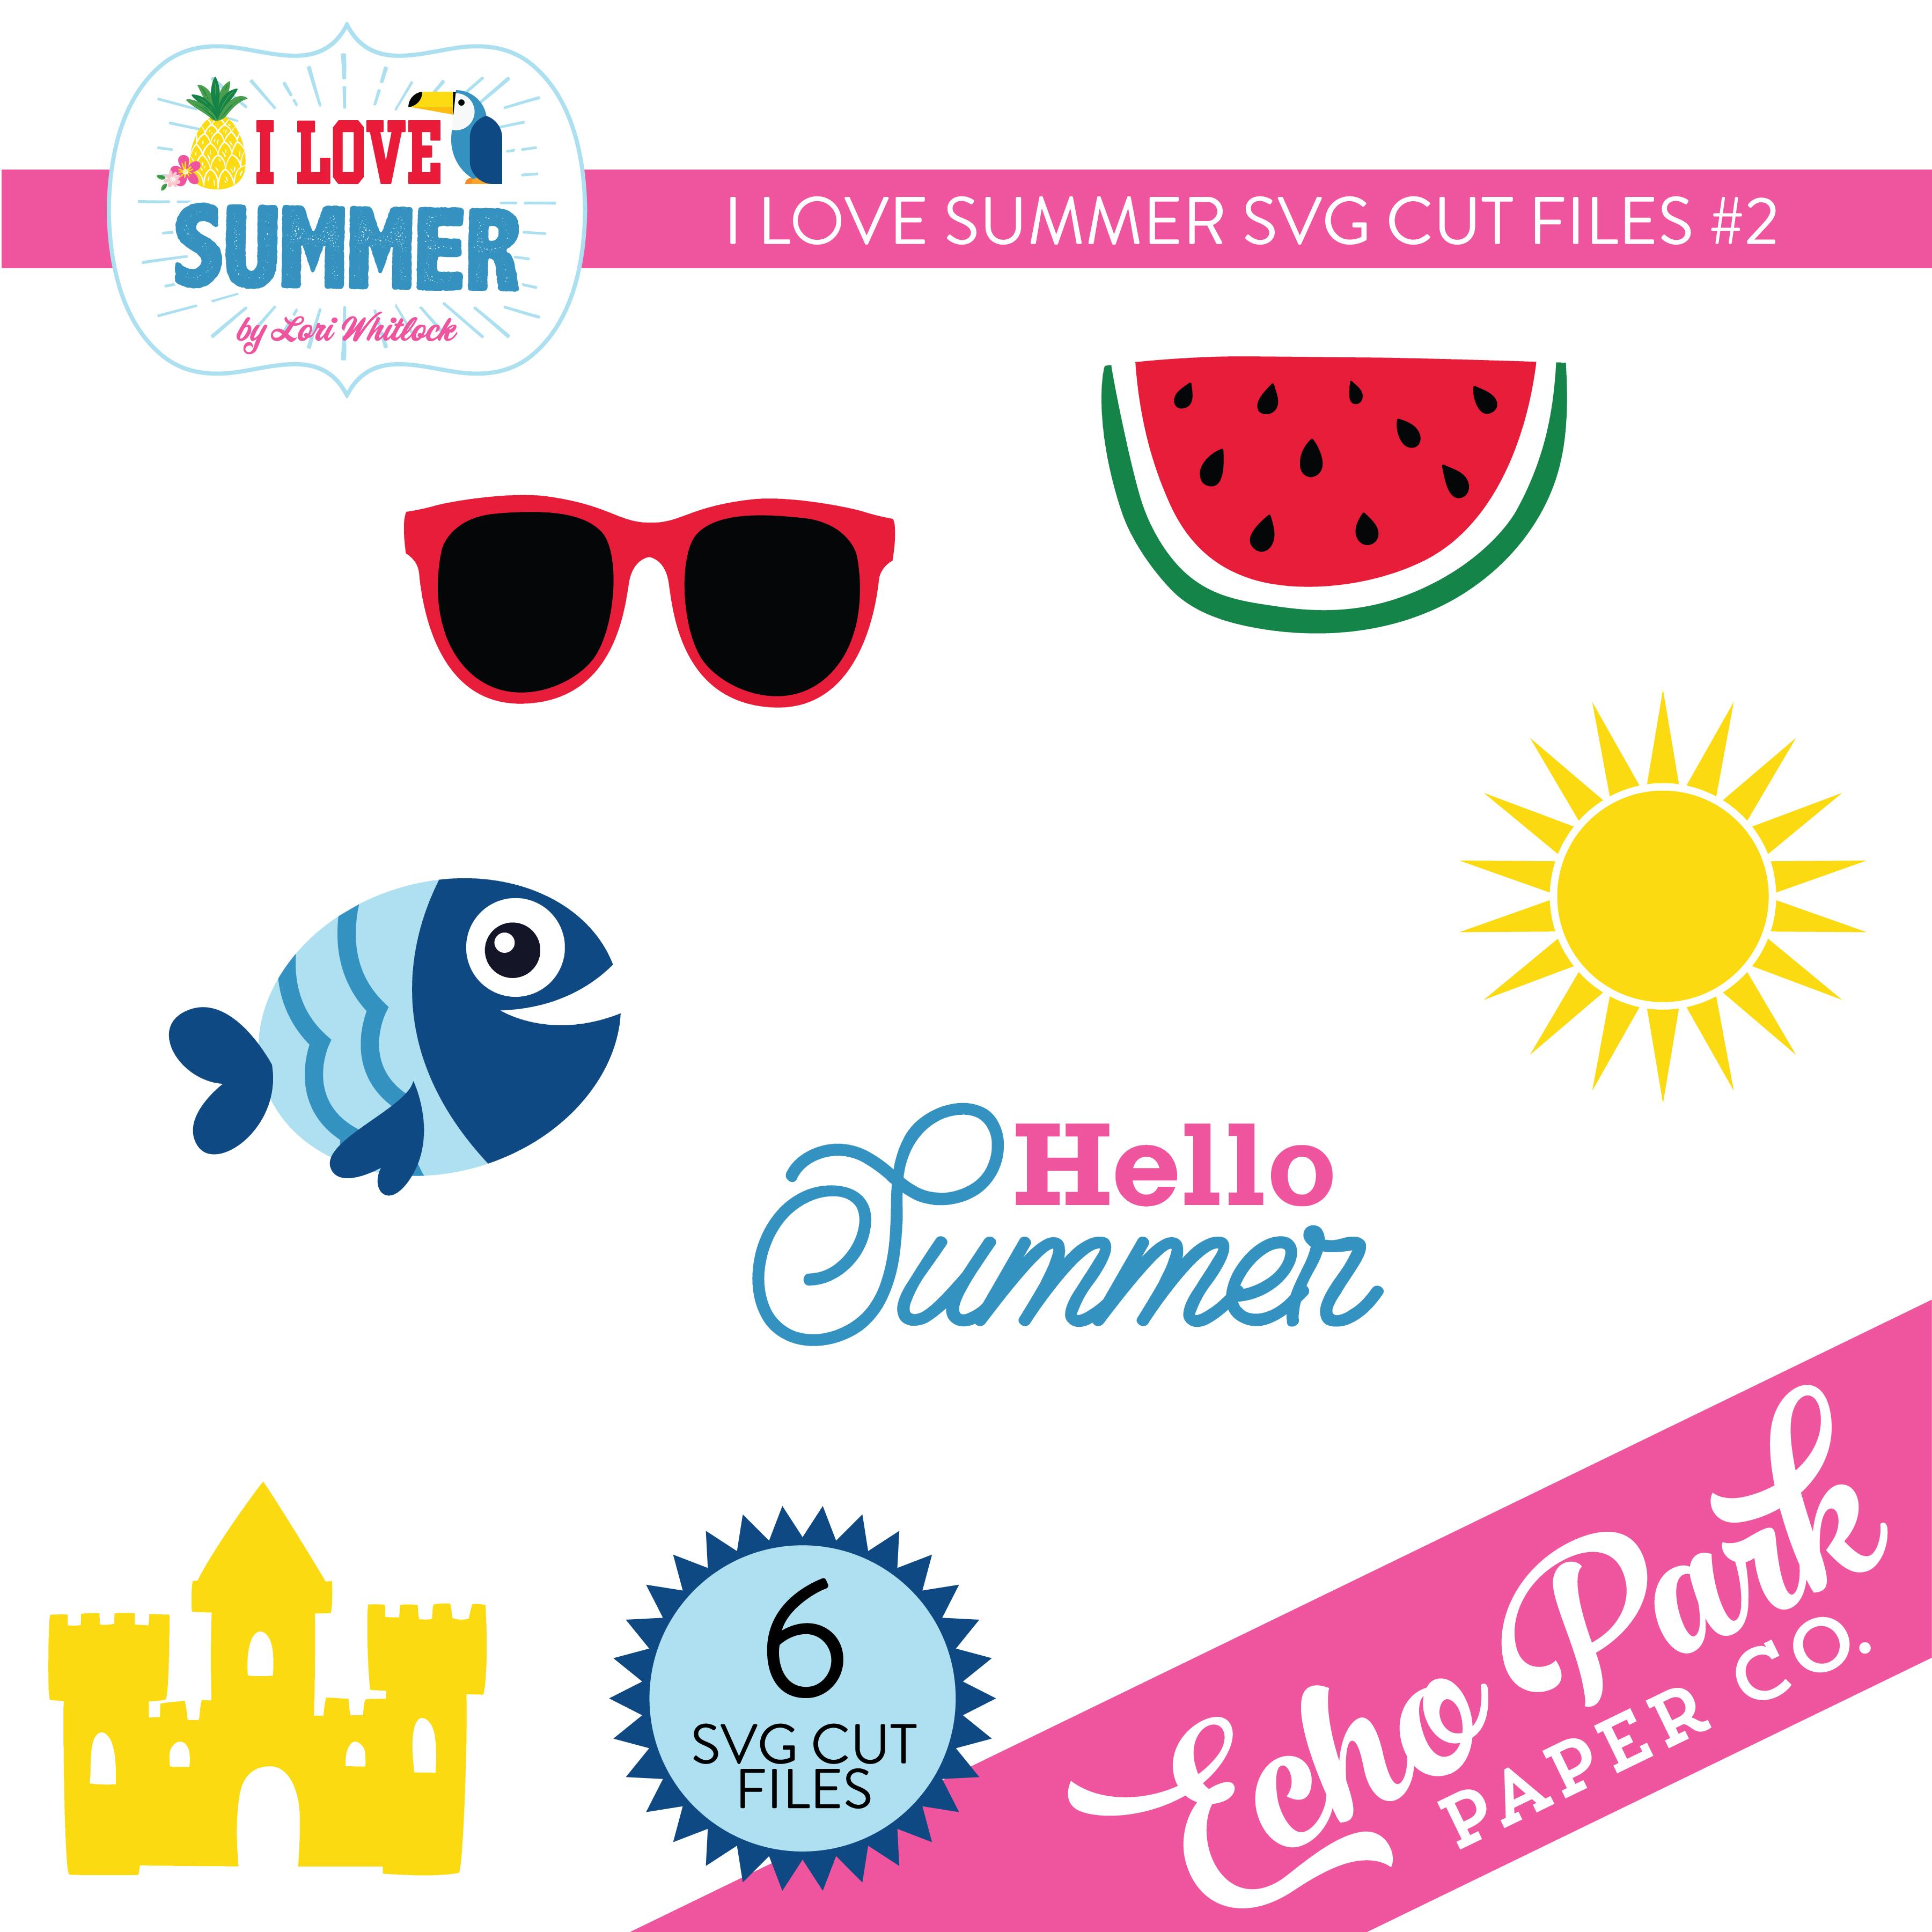 I Love Summer SVG Cut Files #2